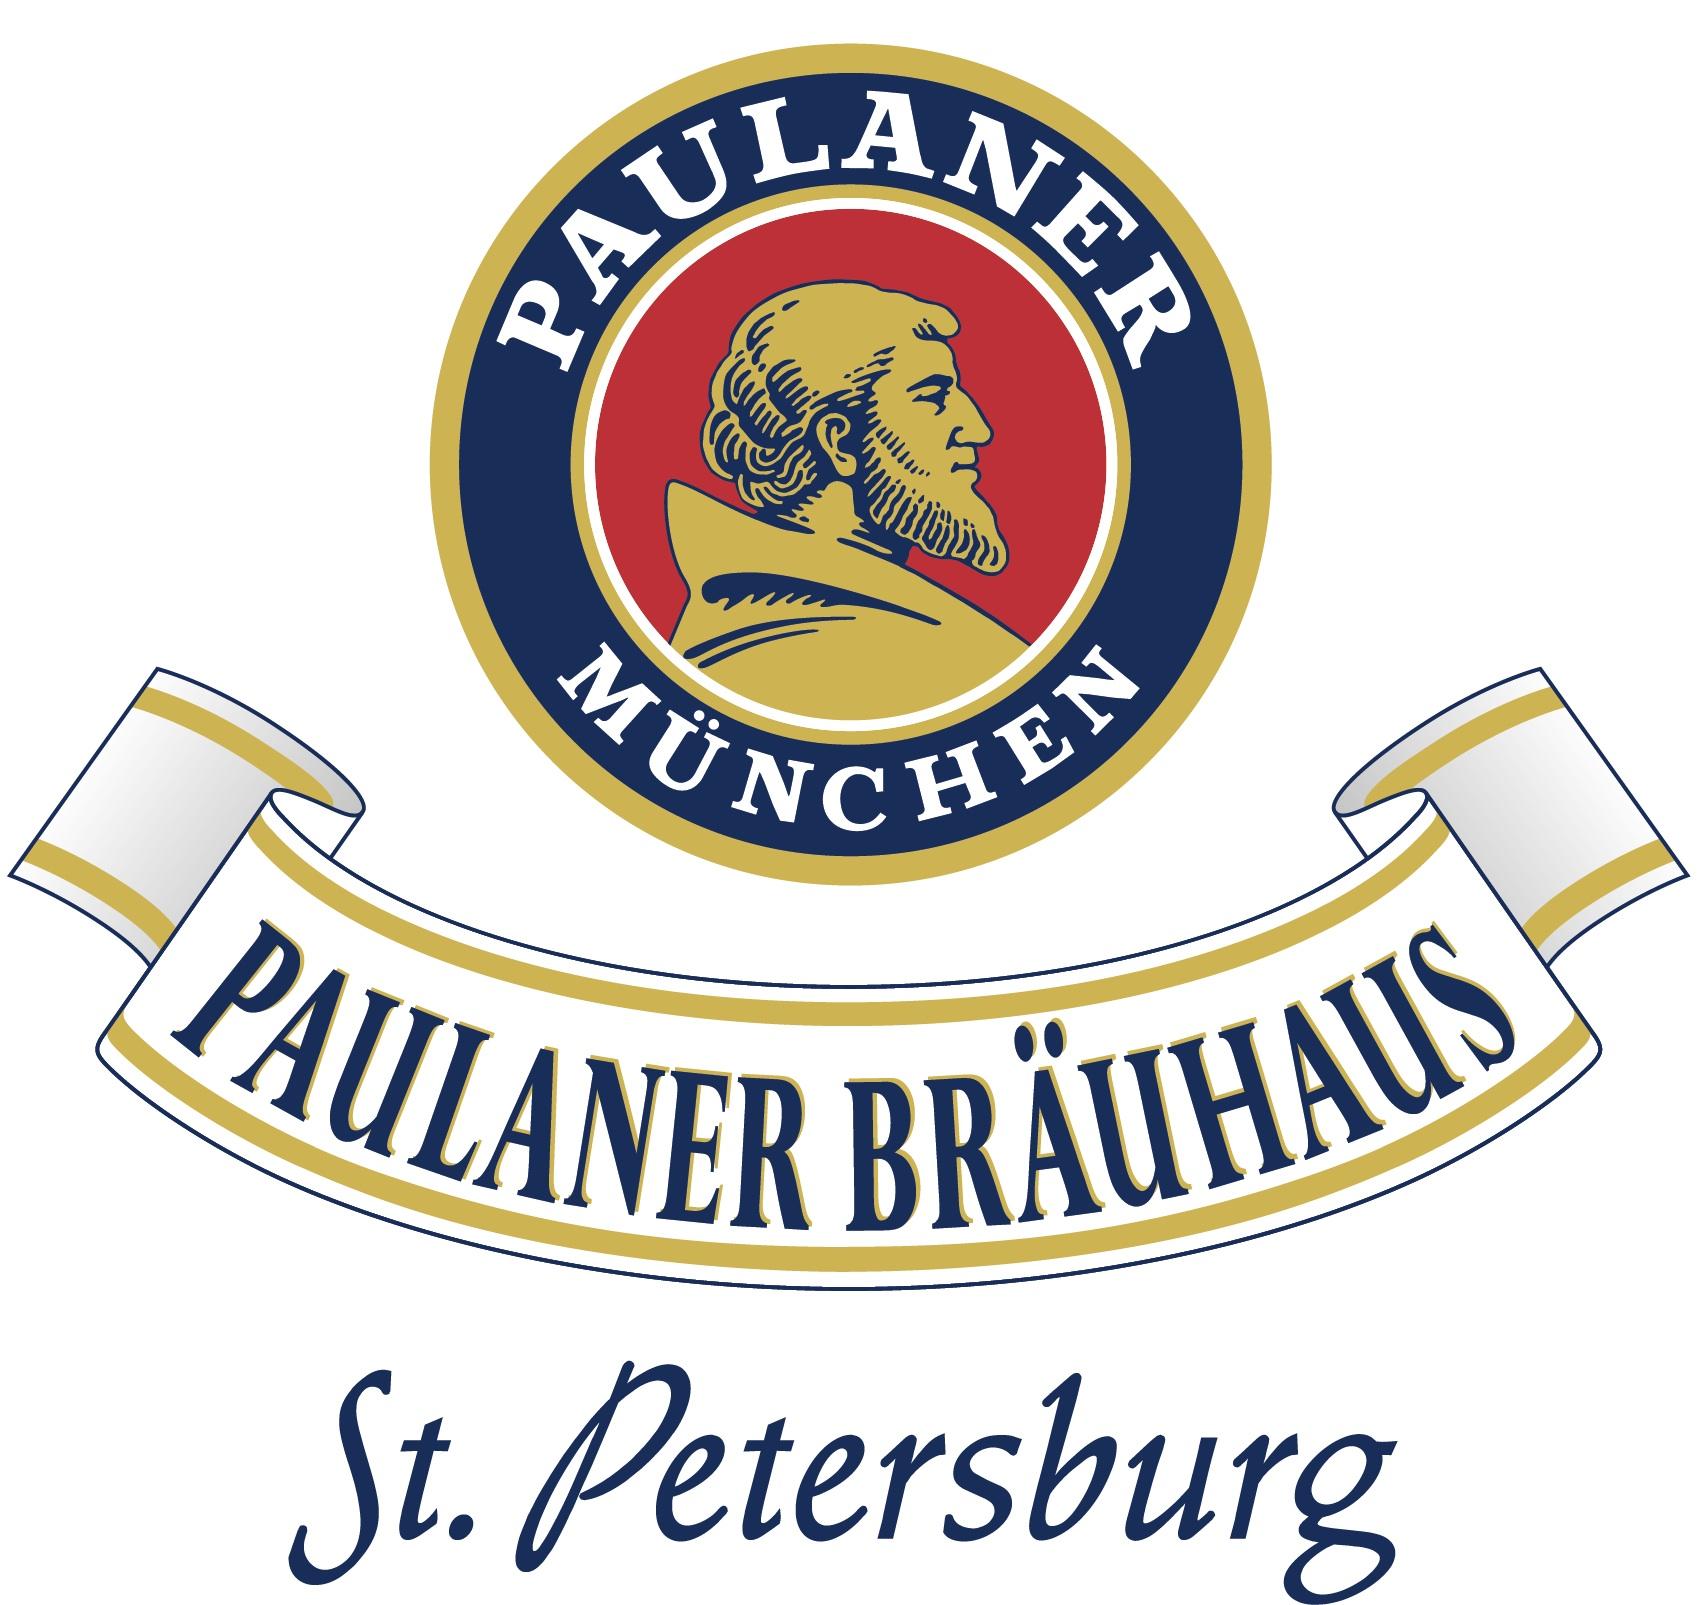 Paulaner Brauhaus.jpg